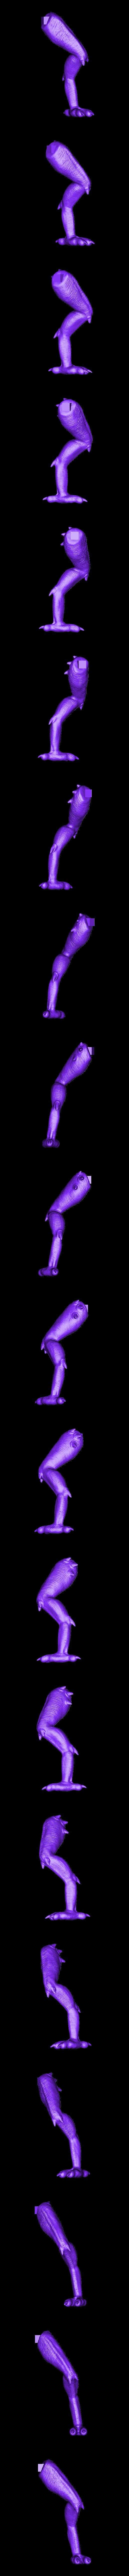 left_leg.stl Télécharger fichier STL gratuit Brundlefly Jr Full Body • Design pour impression 3D, CarlCreates